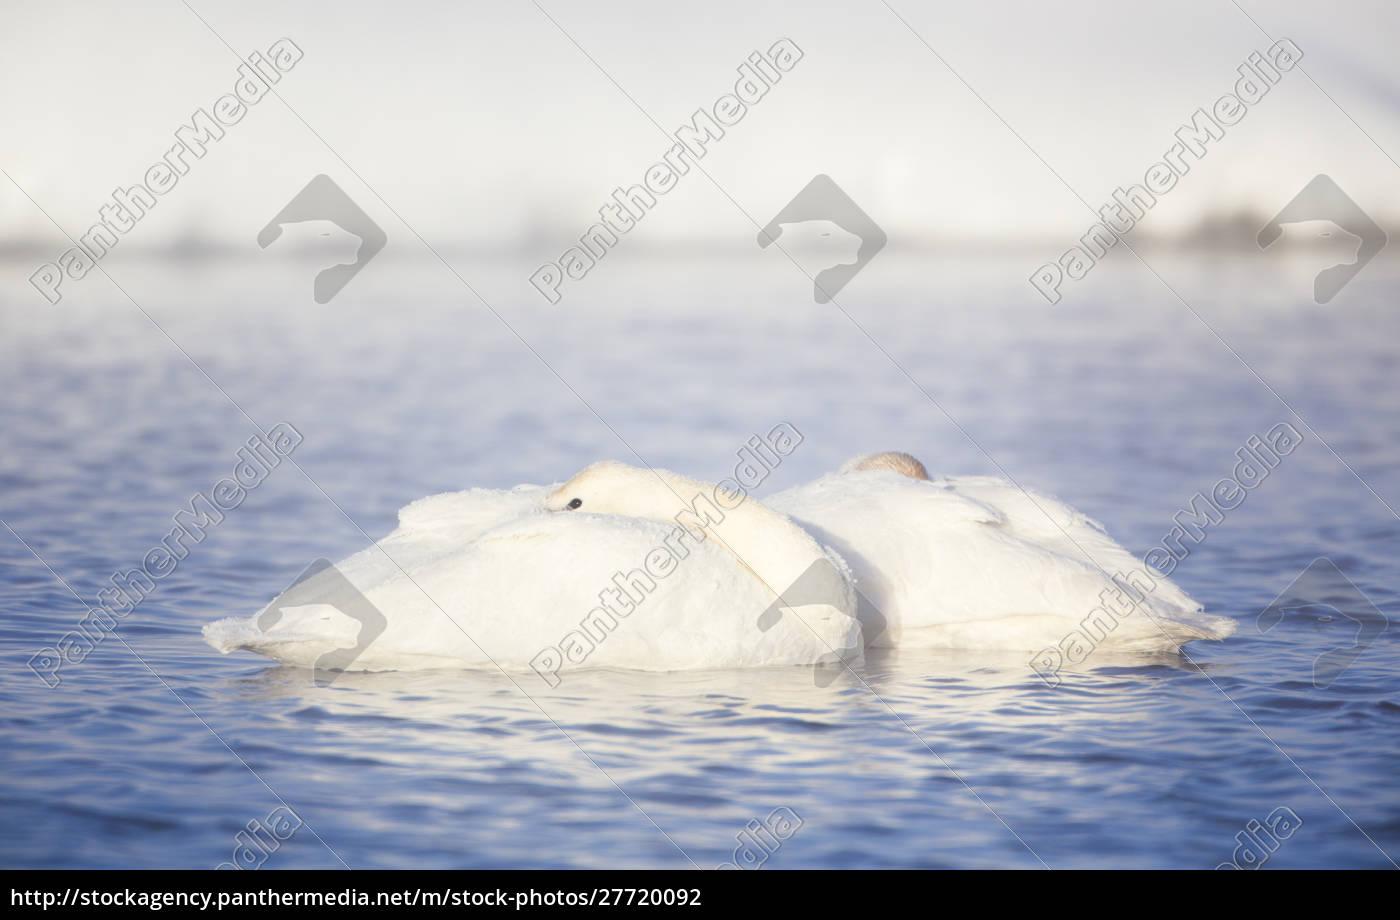 wyoming, condado, de, sublette, frosty, trumpeter, swan, se - 27720092